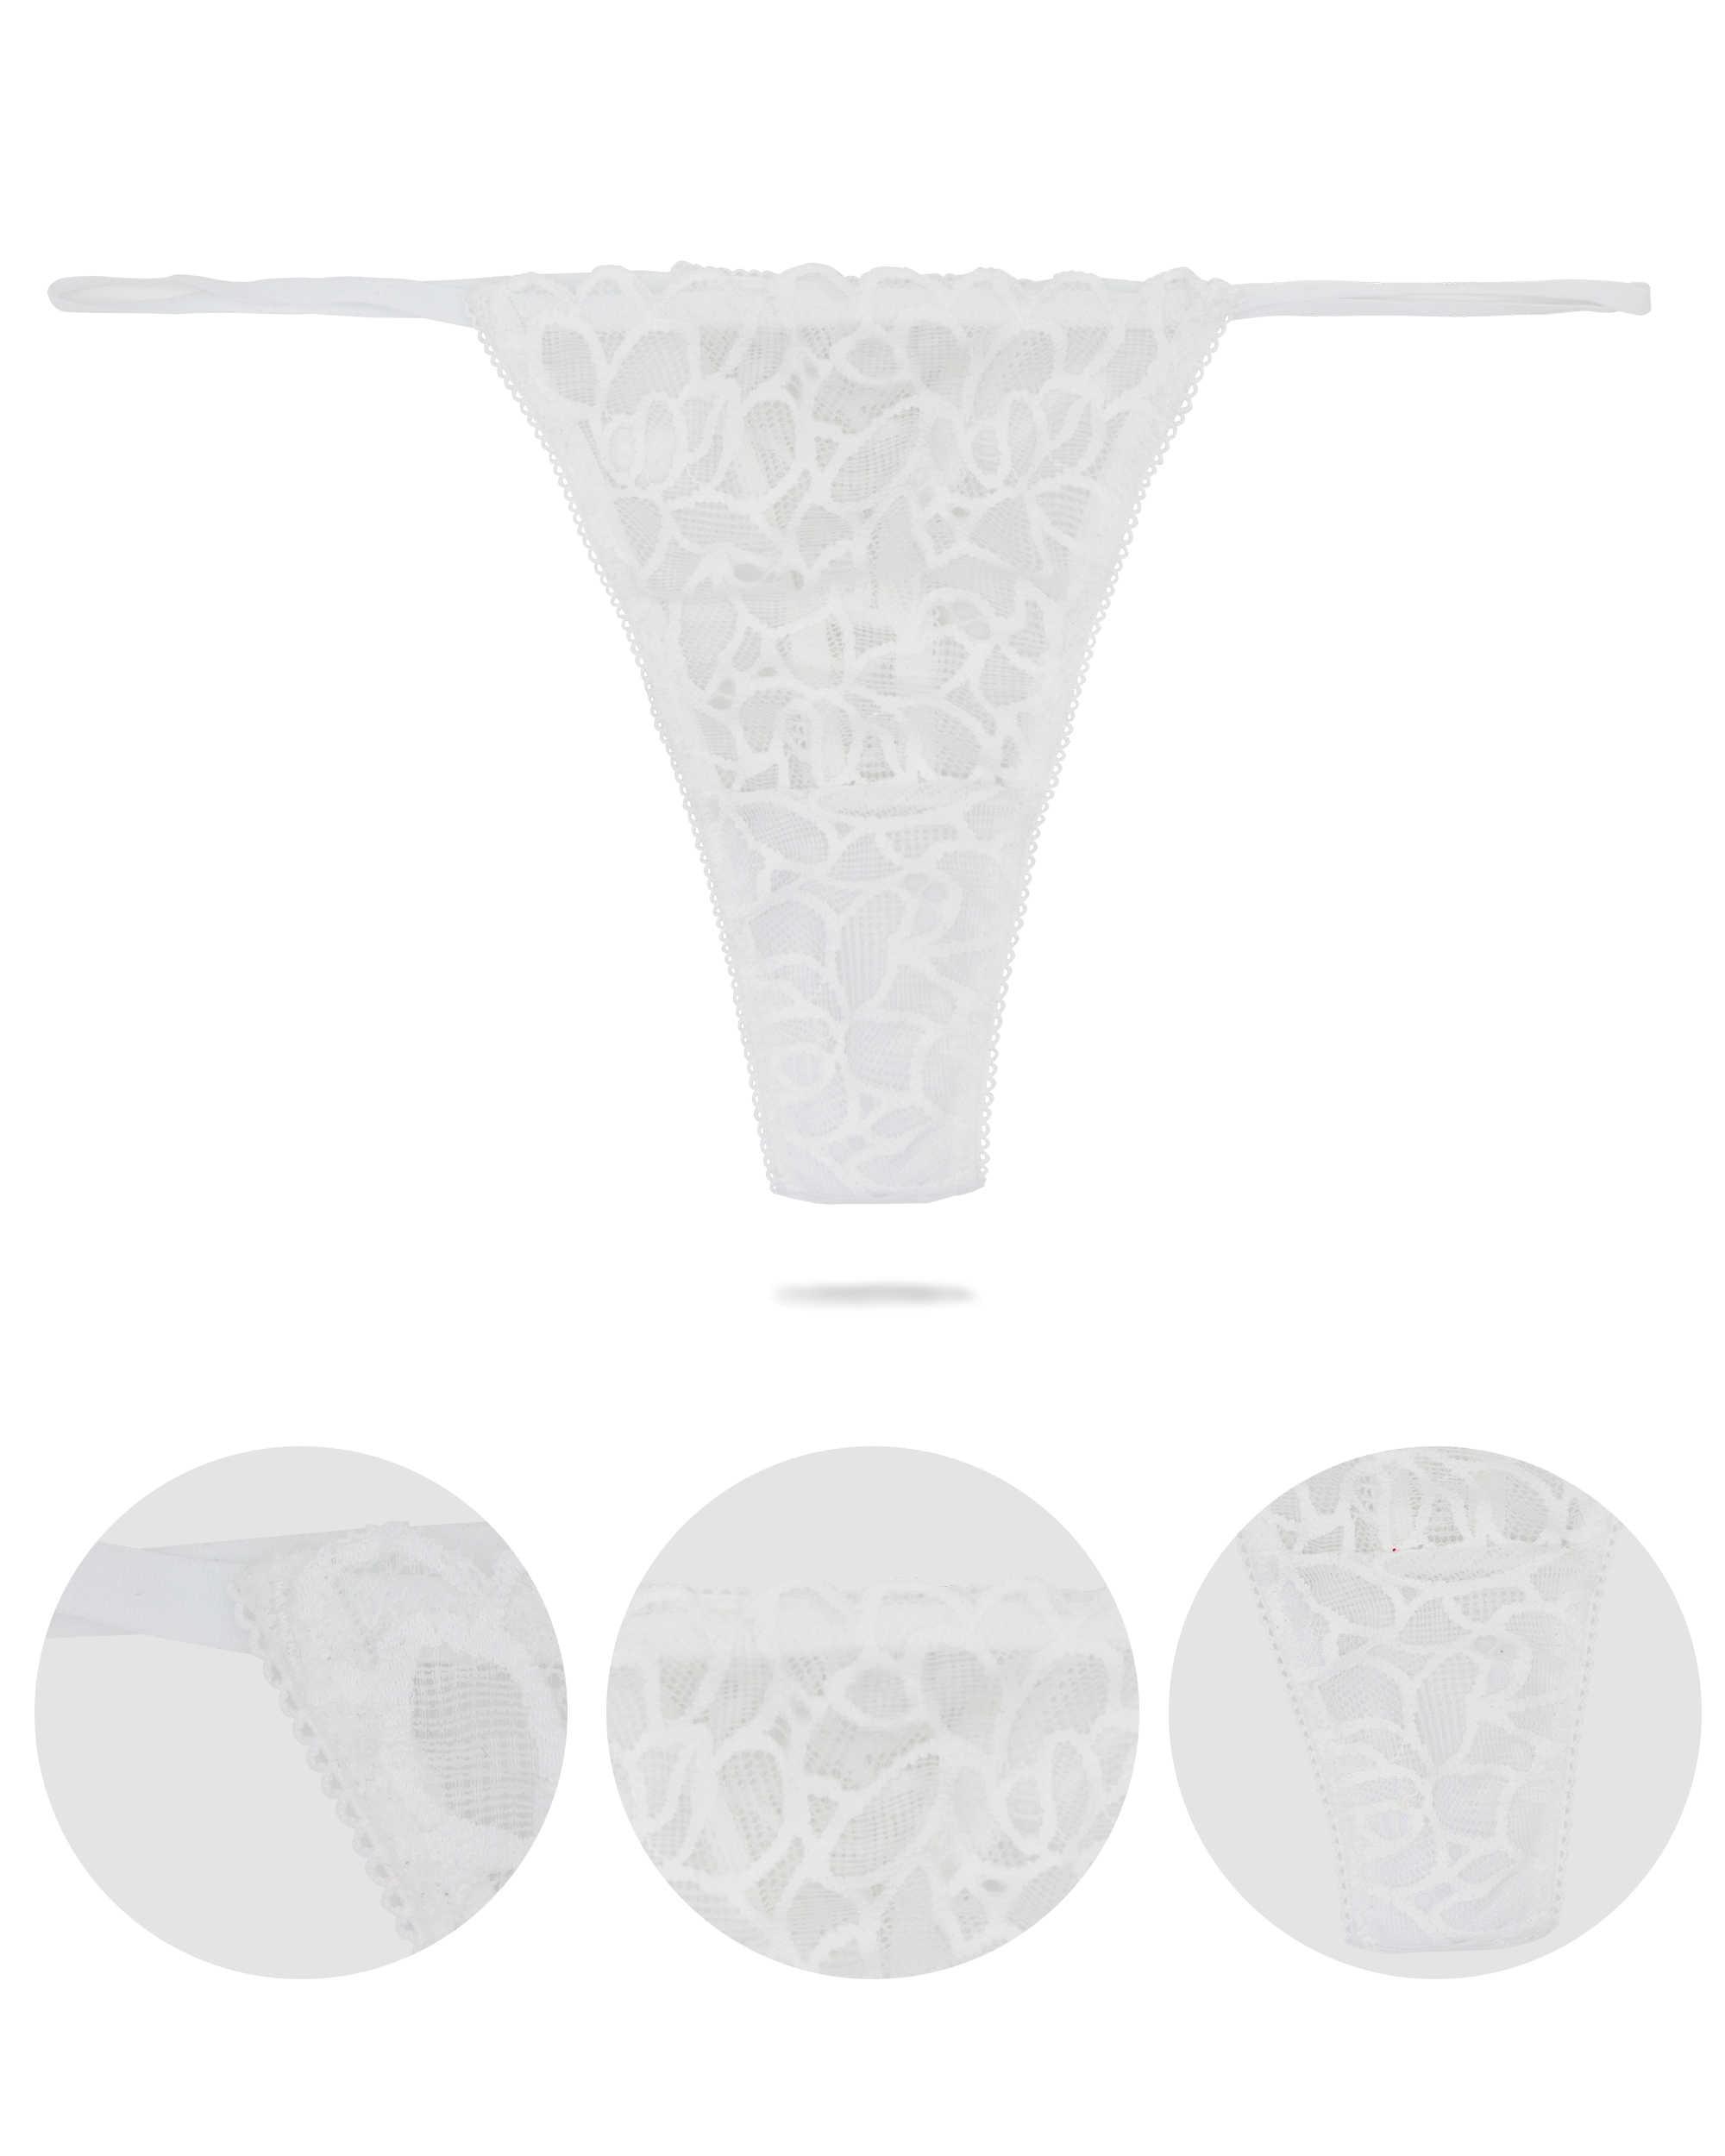 Moxeay 5 Chiếc Sexy Quần Lót Ren Thông Quần Lót T Lưng Thông Và G Dây Plus Quần Lót Size Quần Lót Tanga ren Sheer Ngắn Gọn